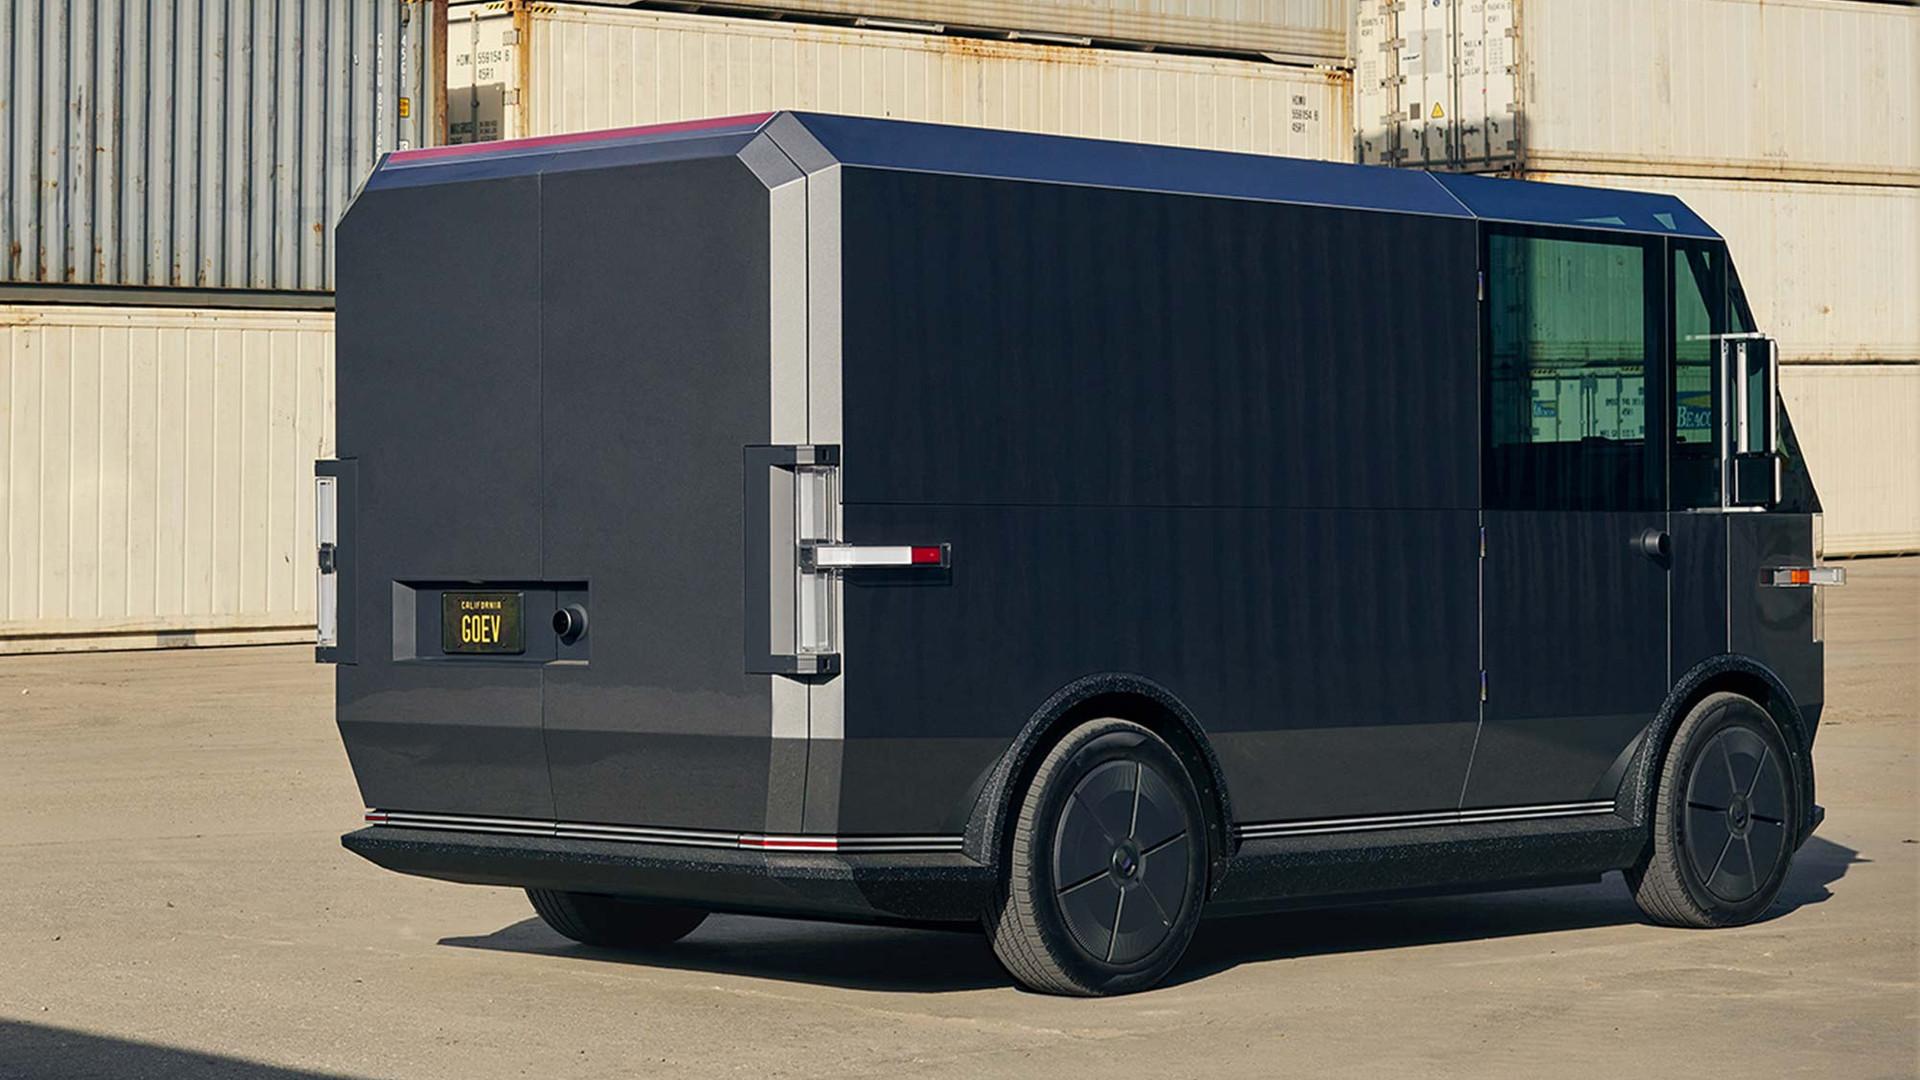 The Canoo multi-purpose delivery vehicle (MPDV)